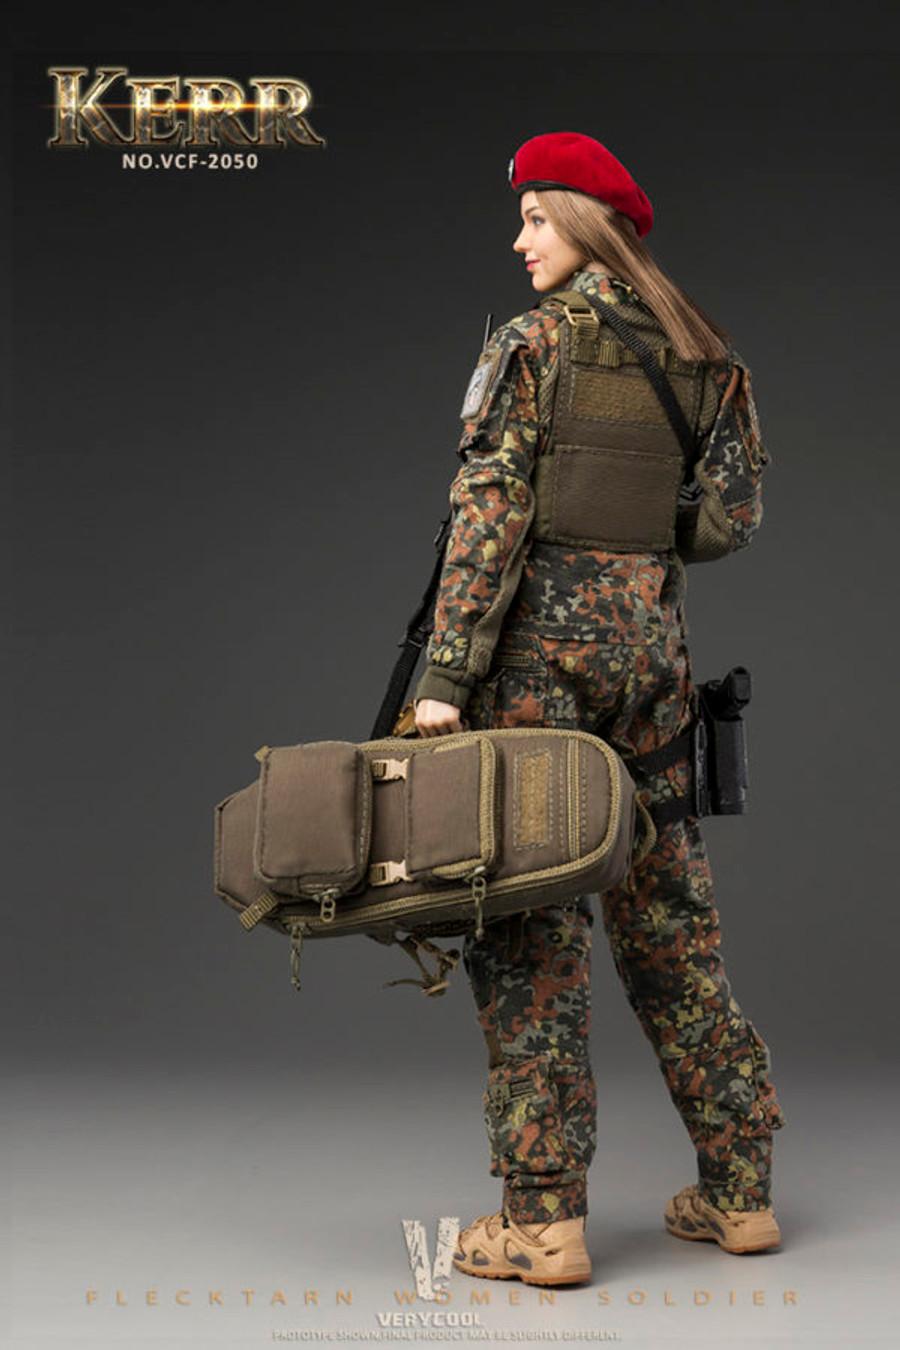 Very Cool - Flecktarn Women Soldier Kerr